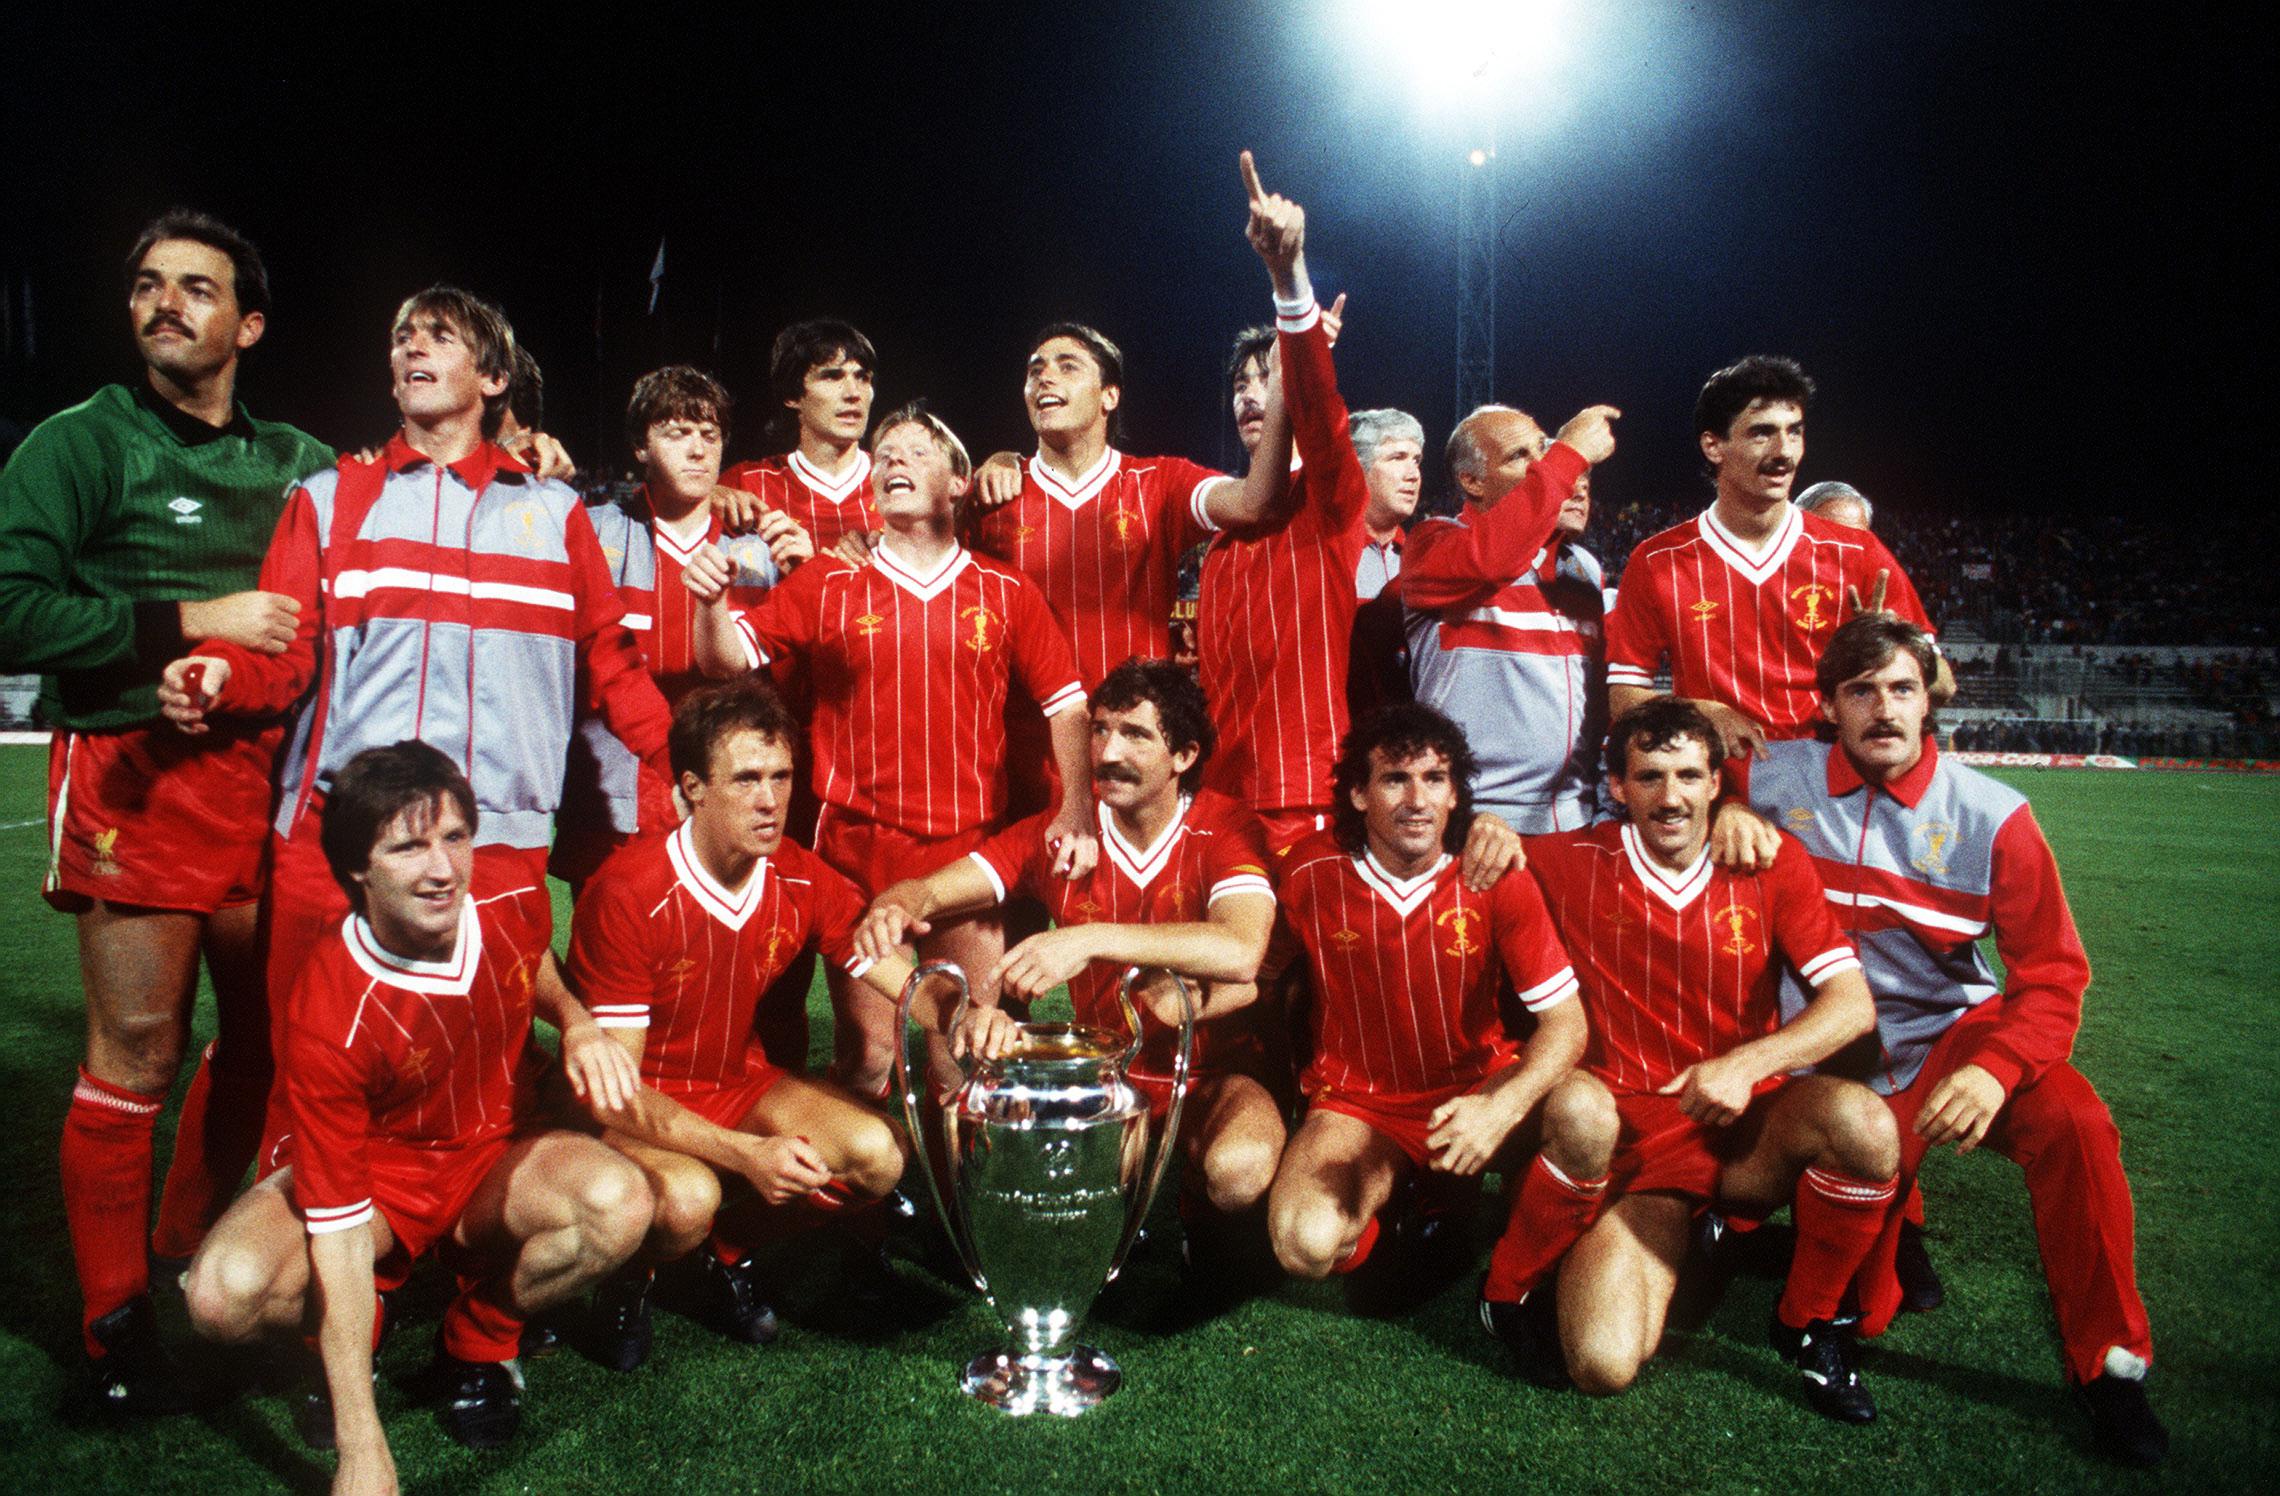 Coppa dei Campioni 1984, Liverpool-Roma - La squadra del Liverpool posa con il trofeo